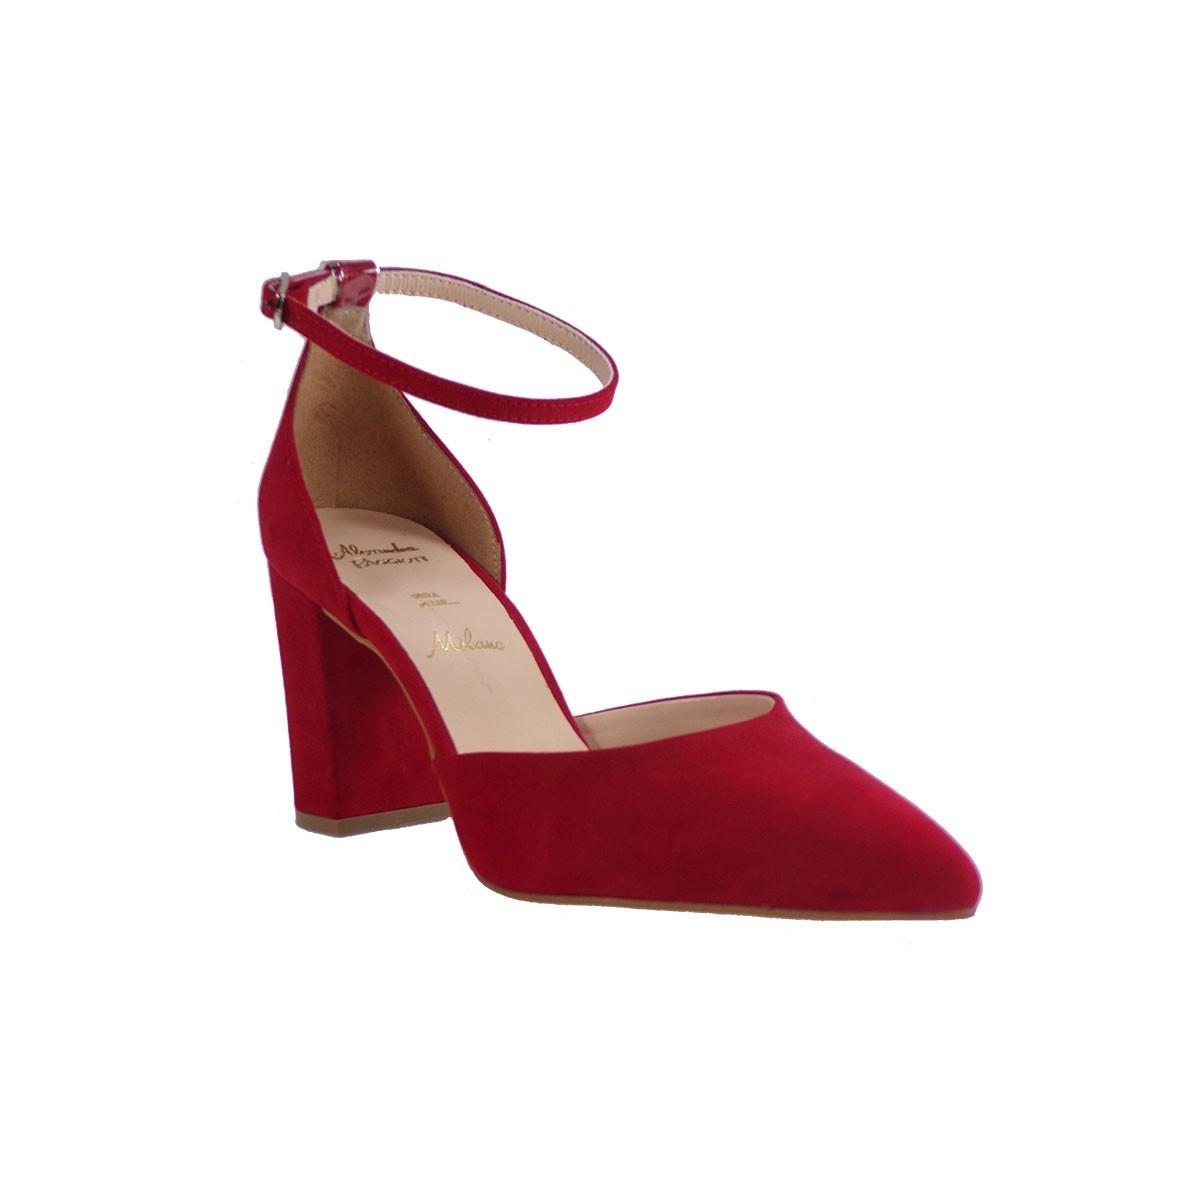 Alessandra Paggioti Γυναικεία Παπούτσια Γόβες 83429 Κόκκινο Kαστόρι